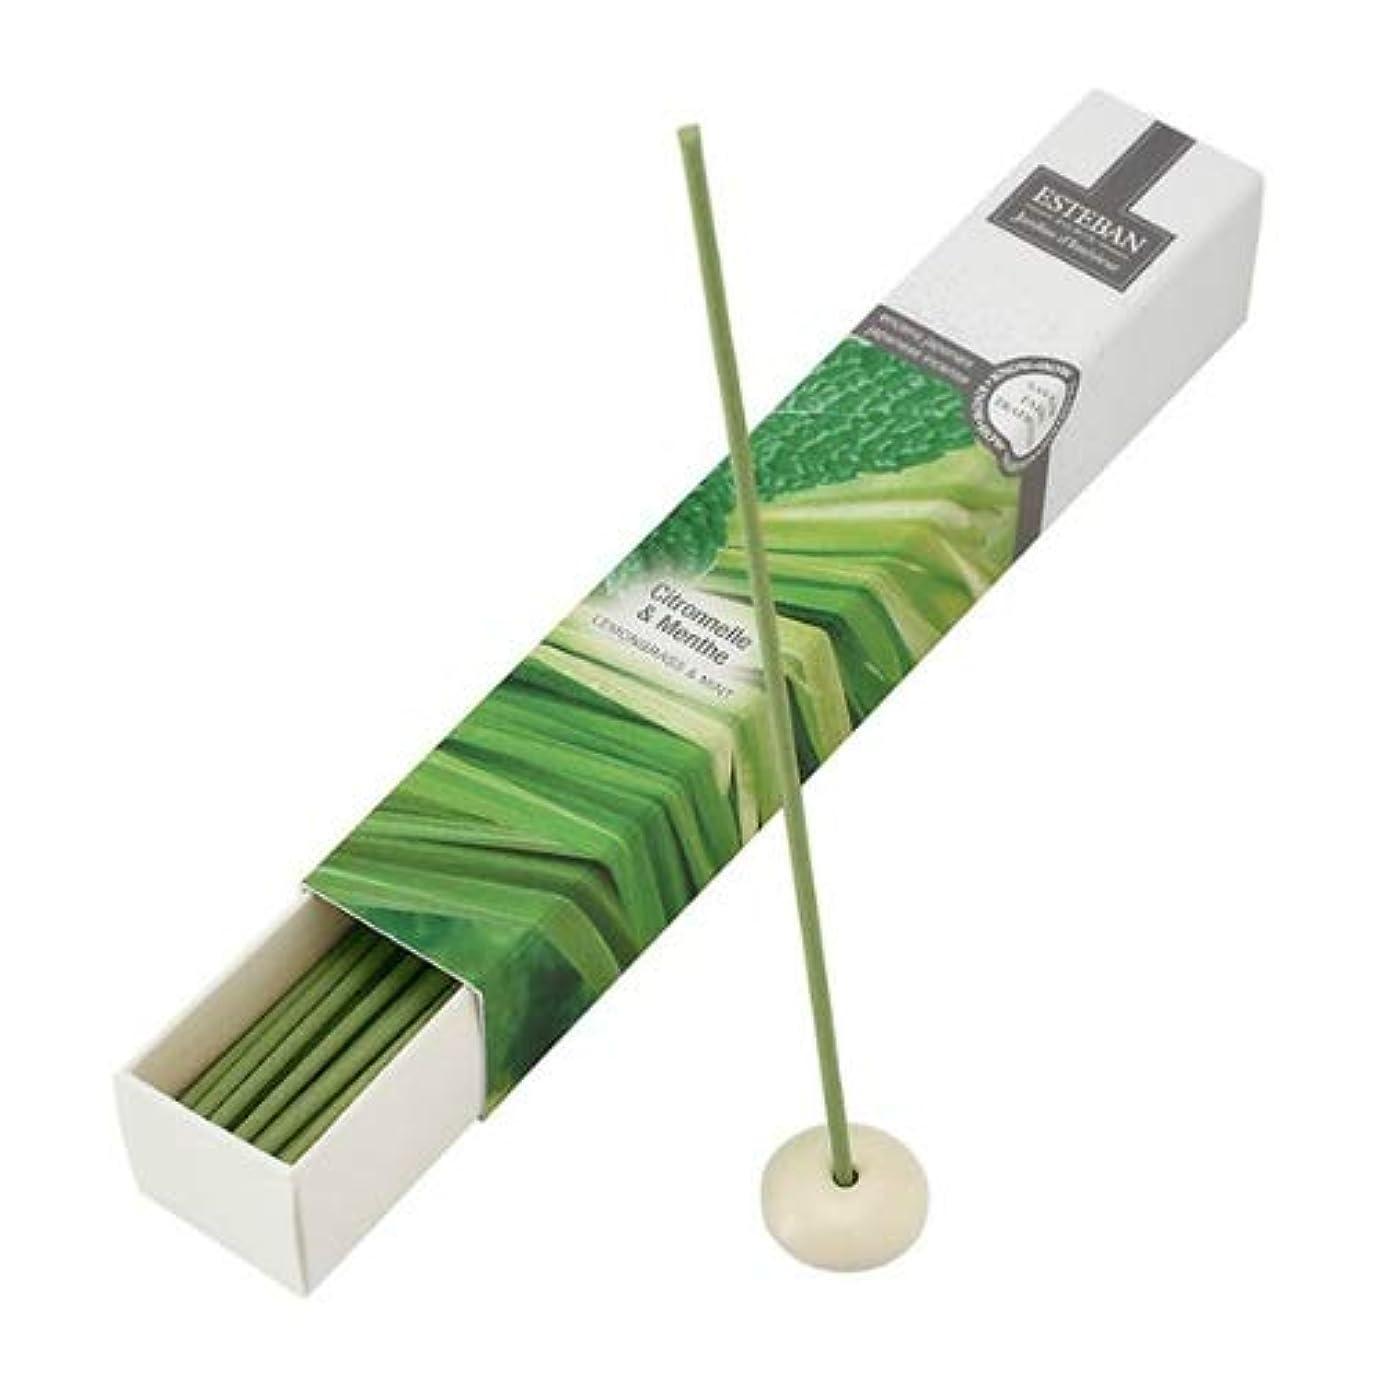 視線プロポーショナルシビックESTEBAN Jardins d'Interieur(インテリアガーデン) LEMONGRASS&MINT(レモングラス&ミント) スティック40本(お香)